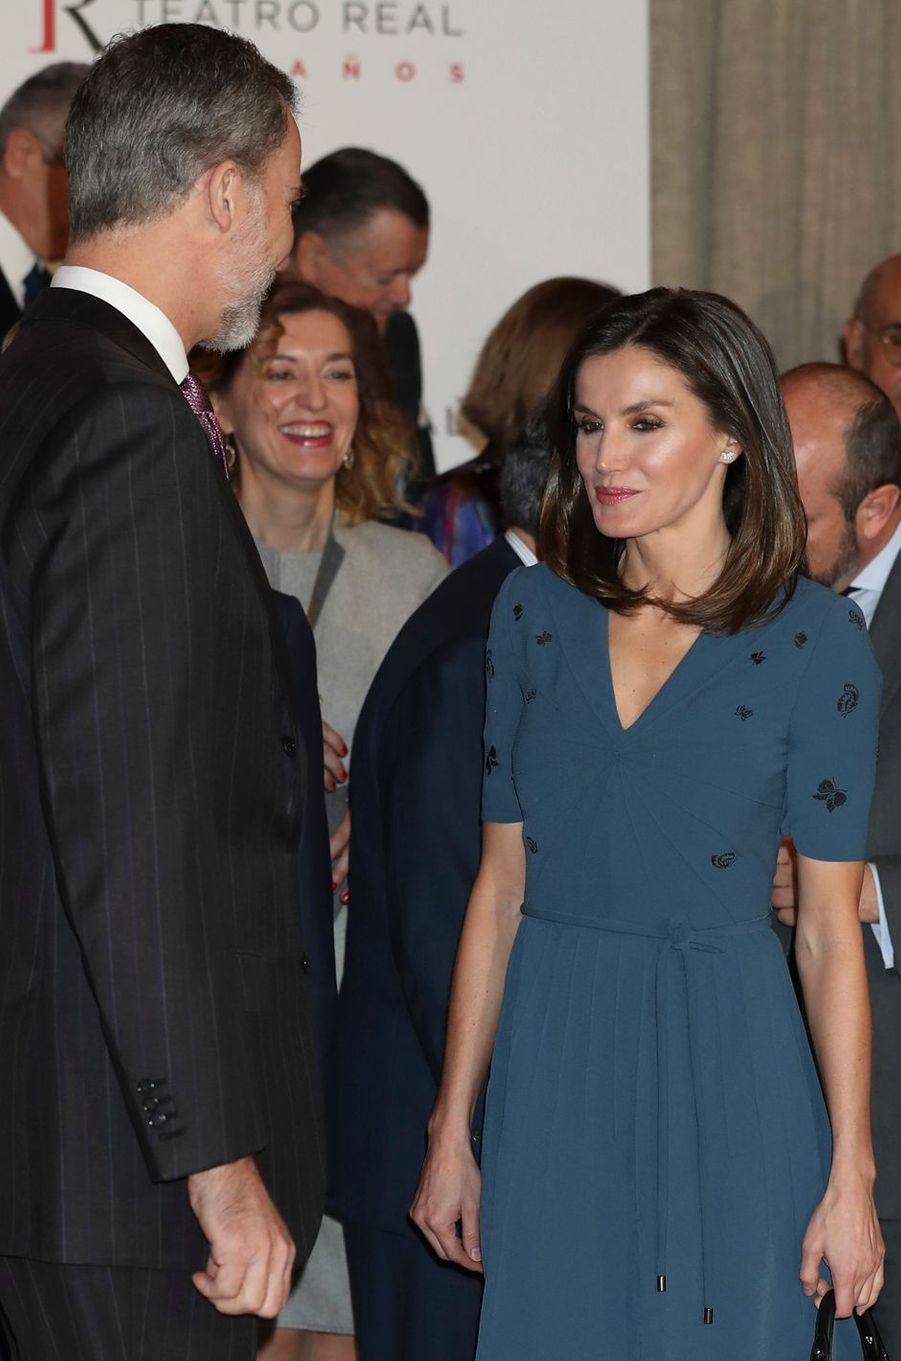 La reine Letizia et le roi Felipe VI d'Espagne à Madrid, le 7 février 2019